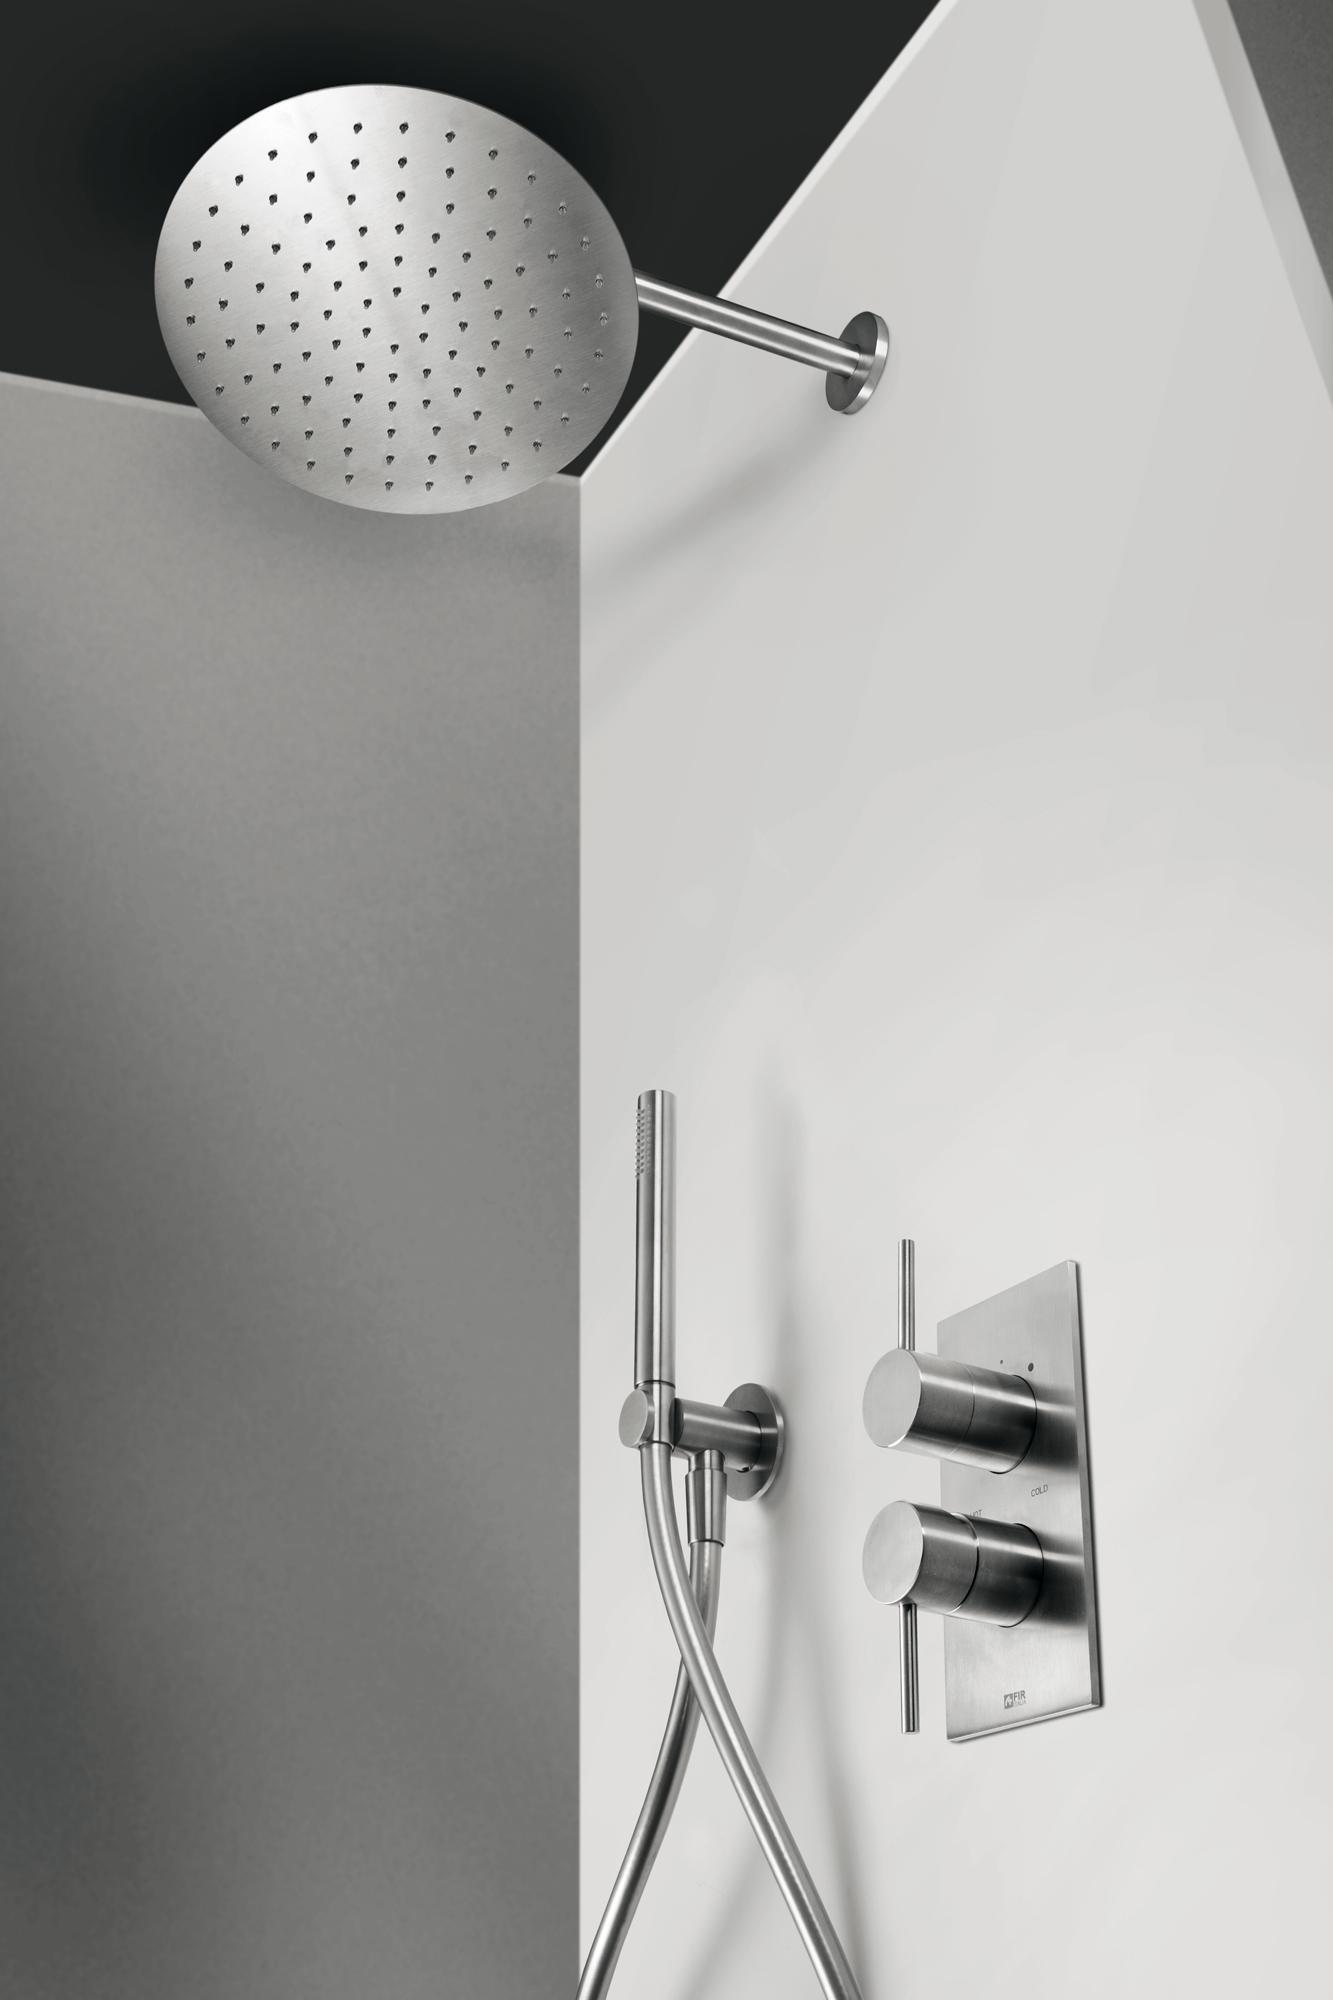 Dusche Konfiguration CleoSteel 48 mit Kopfbrause Wand, Duschkopf und Brausearmatur. Fertig Edelstahl gebürstet